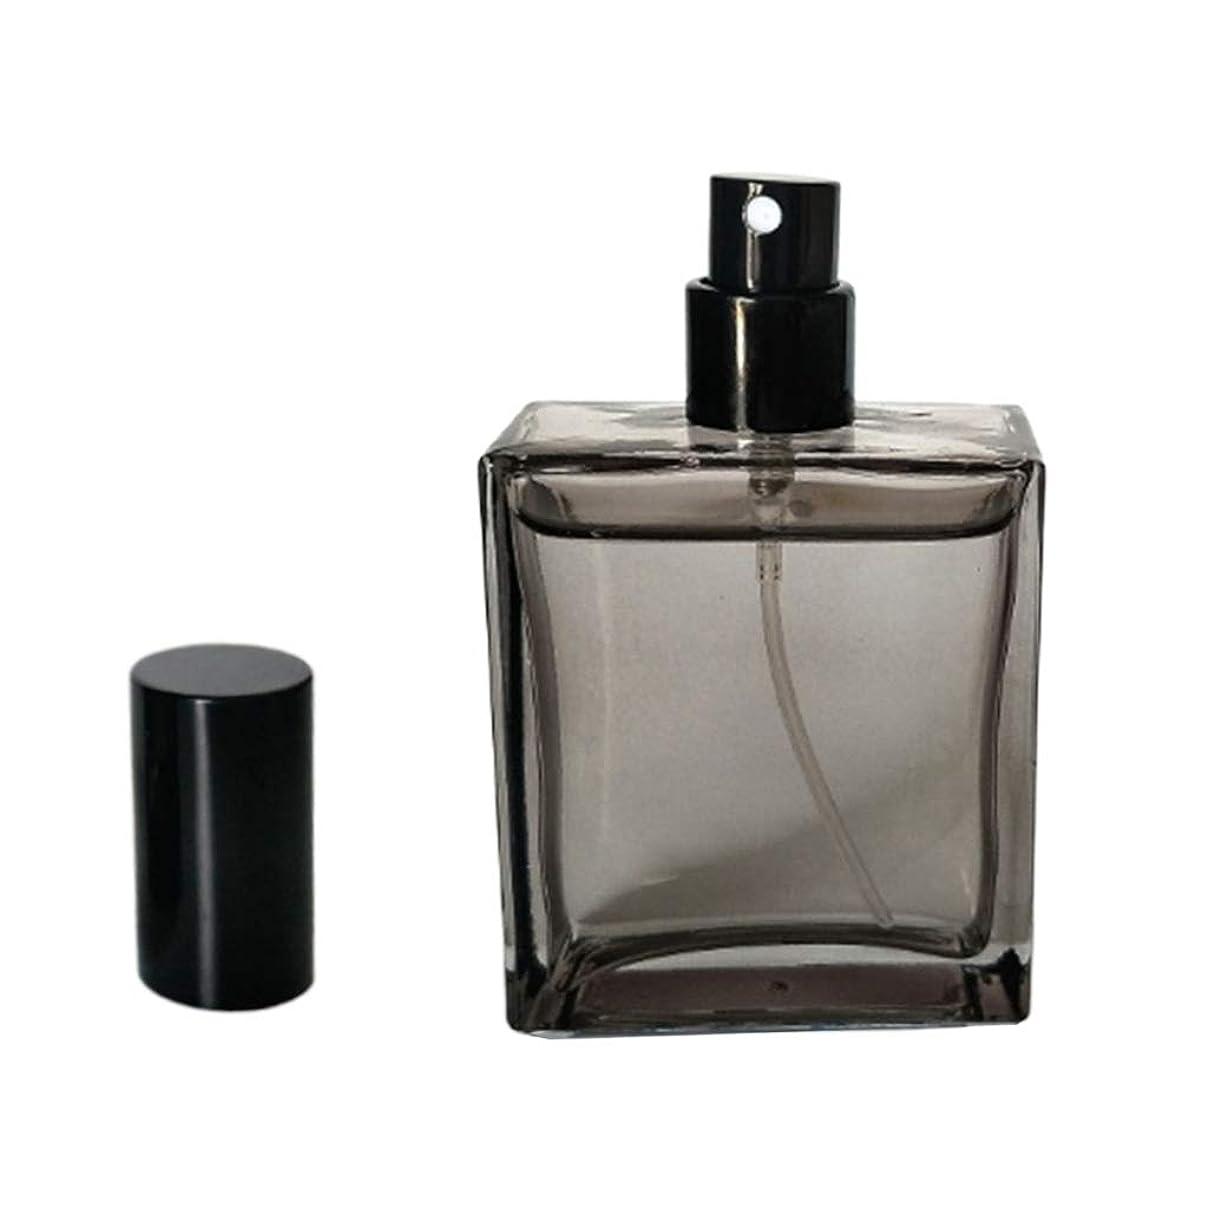 路面電車終わらせるだますCUTICATE 50ML スプレーボトル 香水アトマイザー 空のボトル 詰め替え 旅行 通勤 外出 会議 携帯用 ガラス製